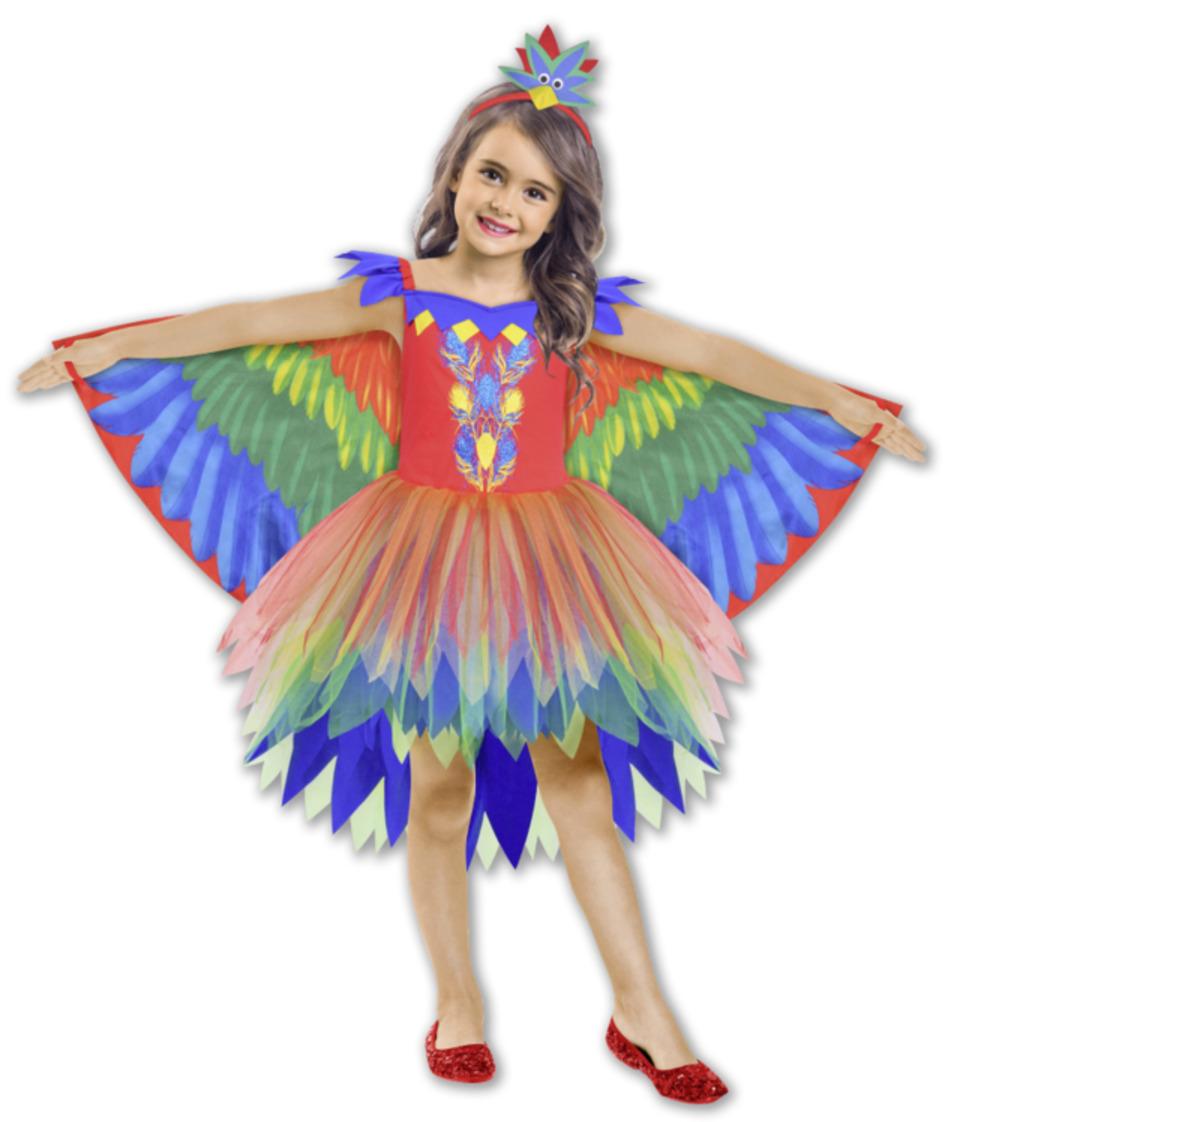 Bild 2 von Karnevalskostüm für Kinder